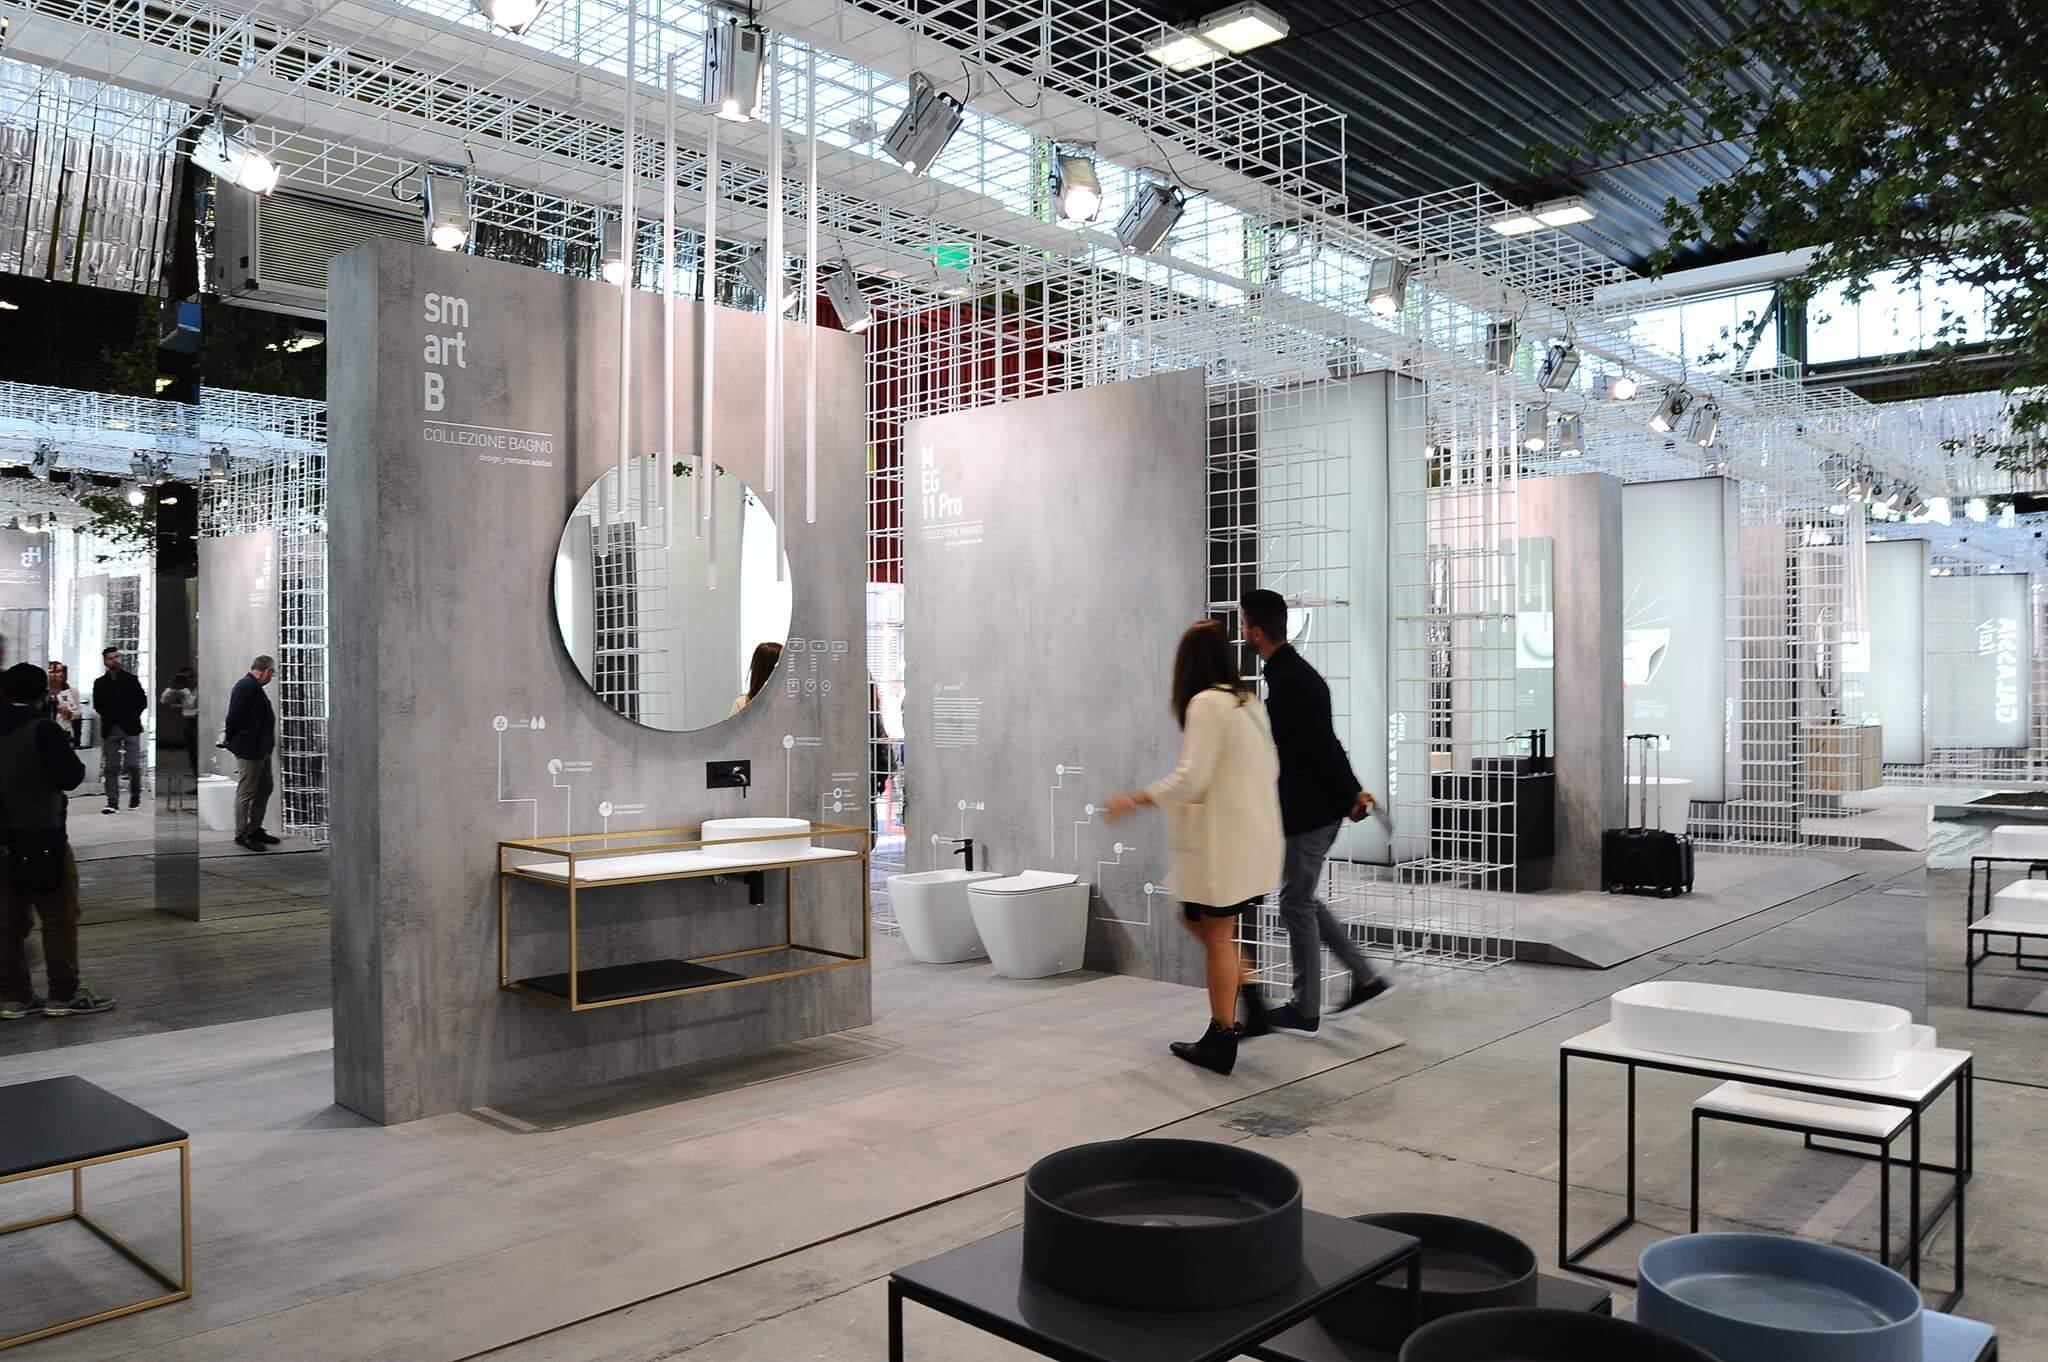 Cersaie 2017 Trends und News für ihr Baddesign und Lifestyle